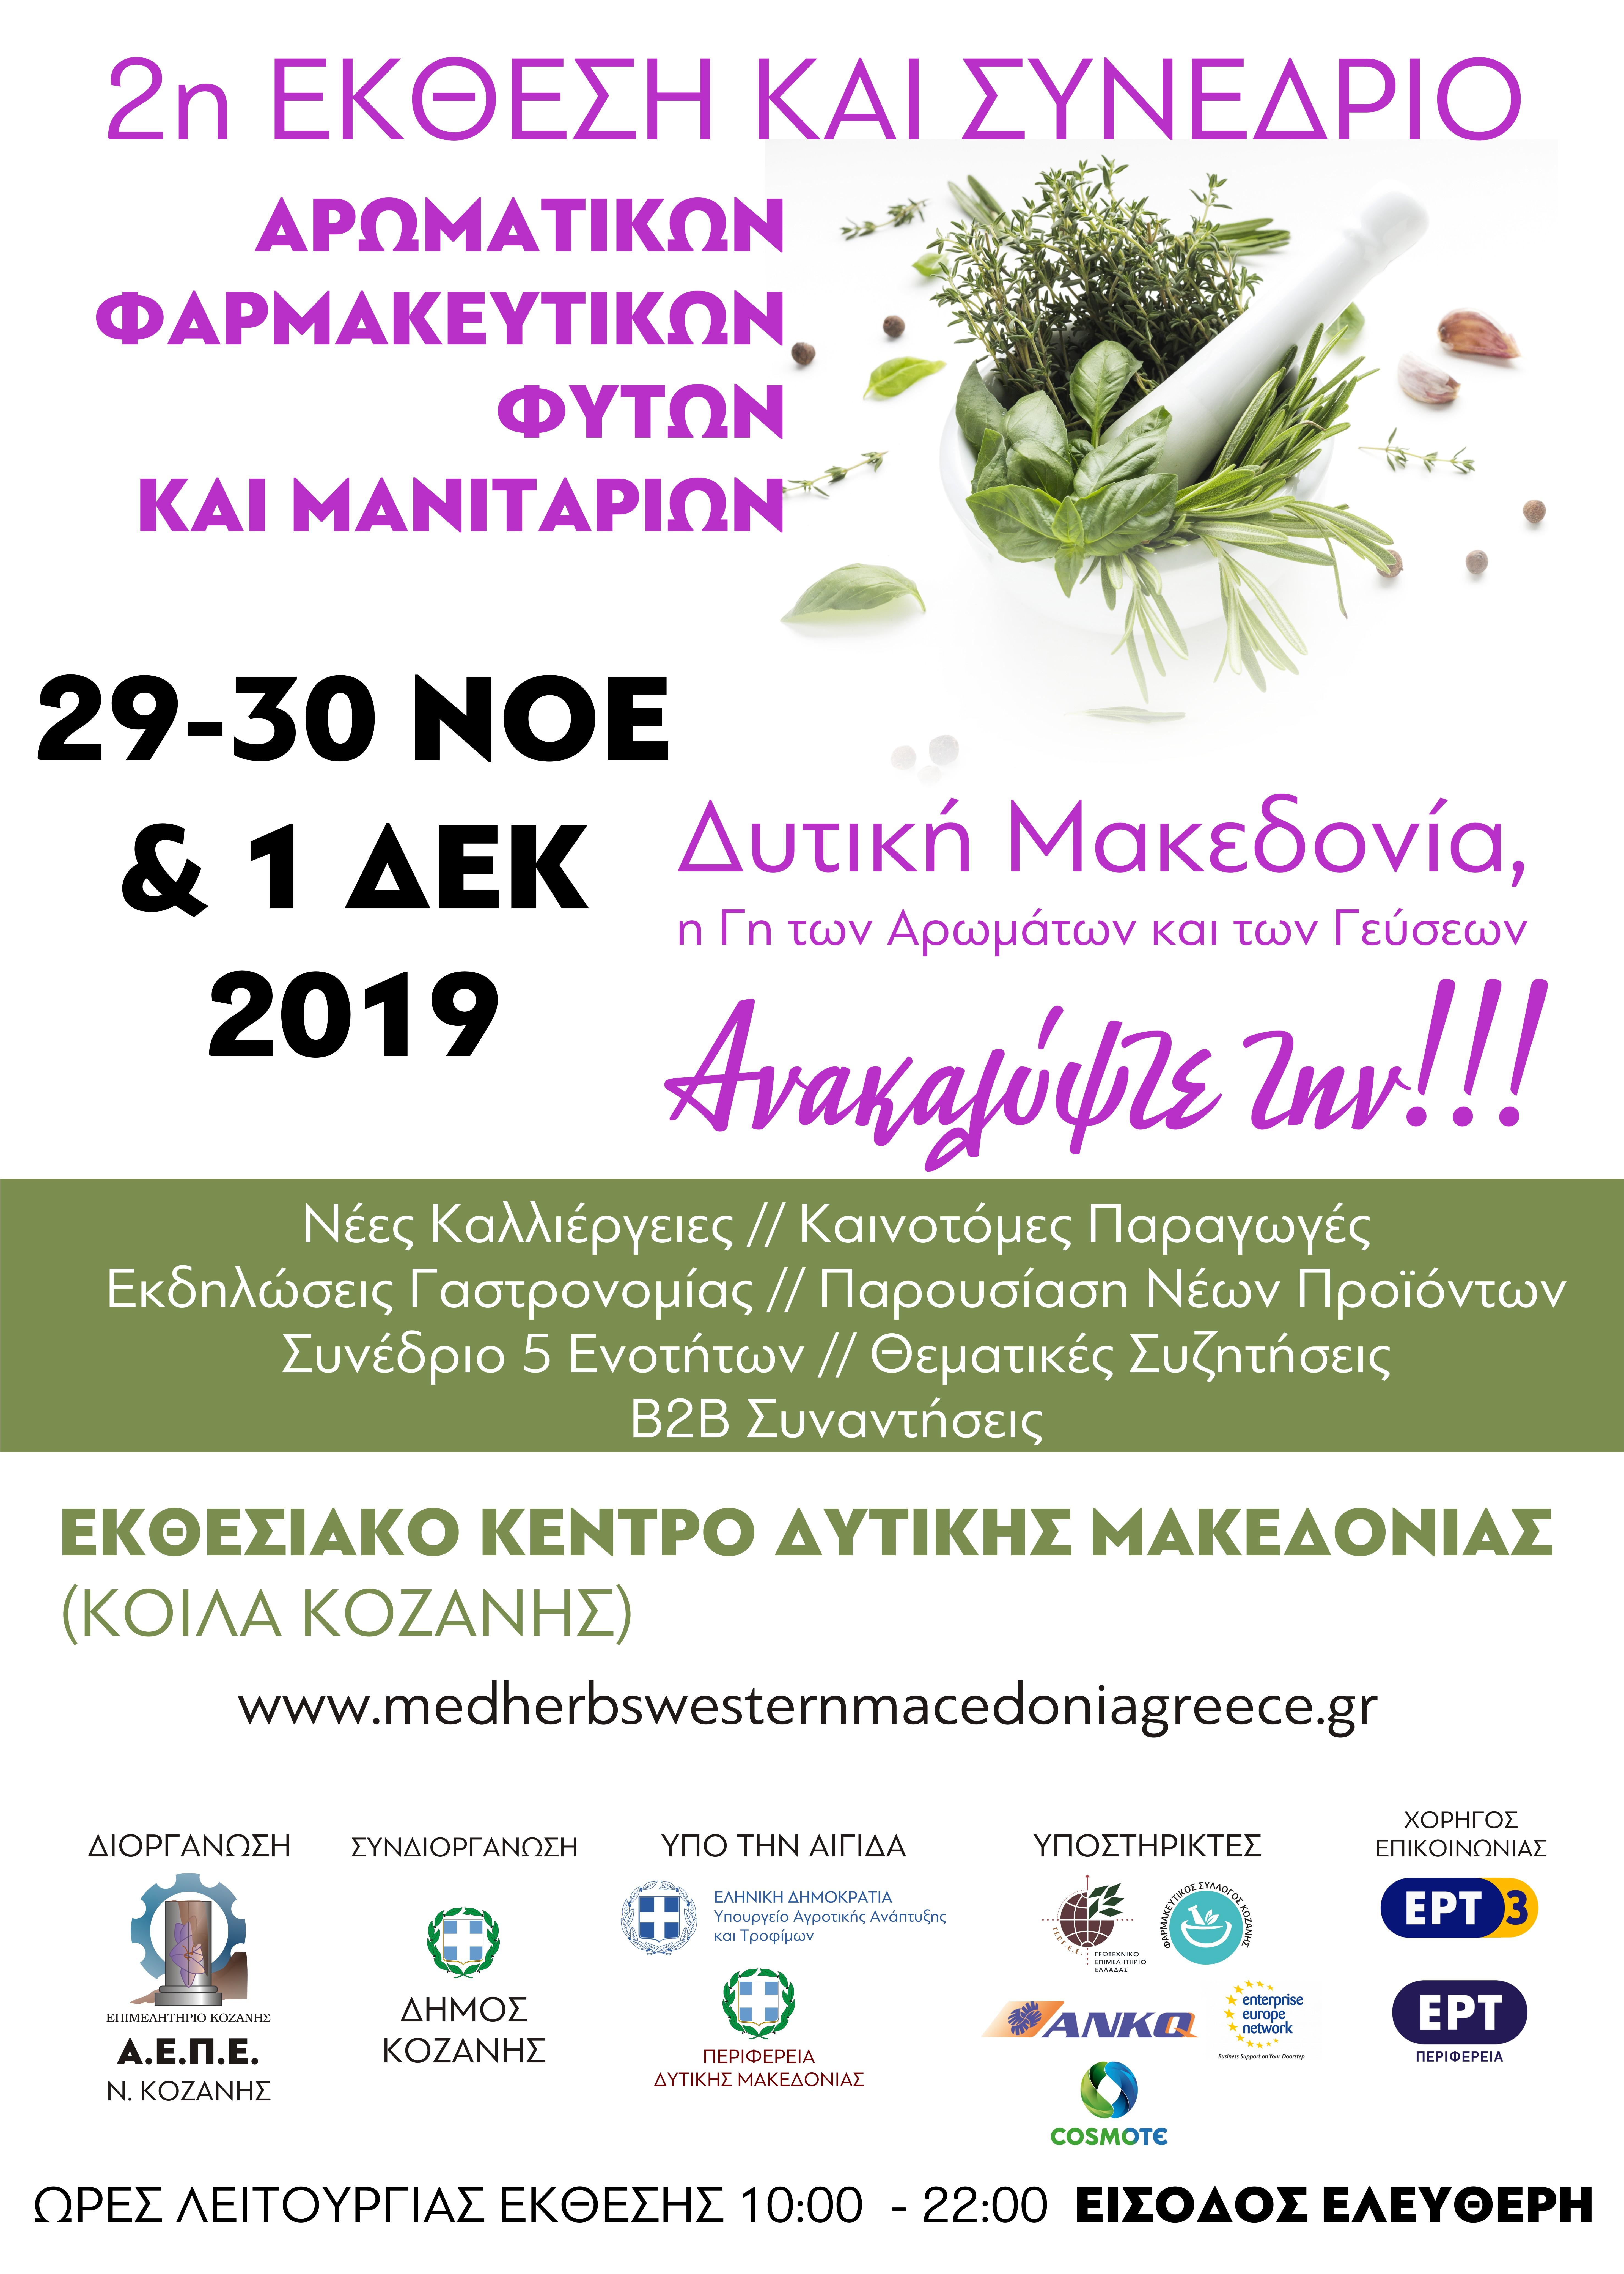 2η Έκθεση – Συνέδριο Αρωματικών και Φαρμακευτικών Φυτών και Μανιταριών στο εκθεσιακό κέντρο των Κοίλων Κοζάνης